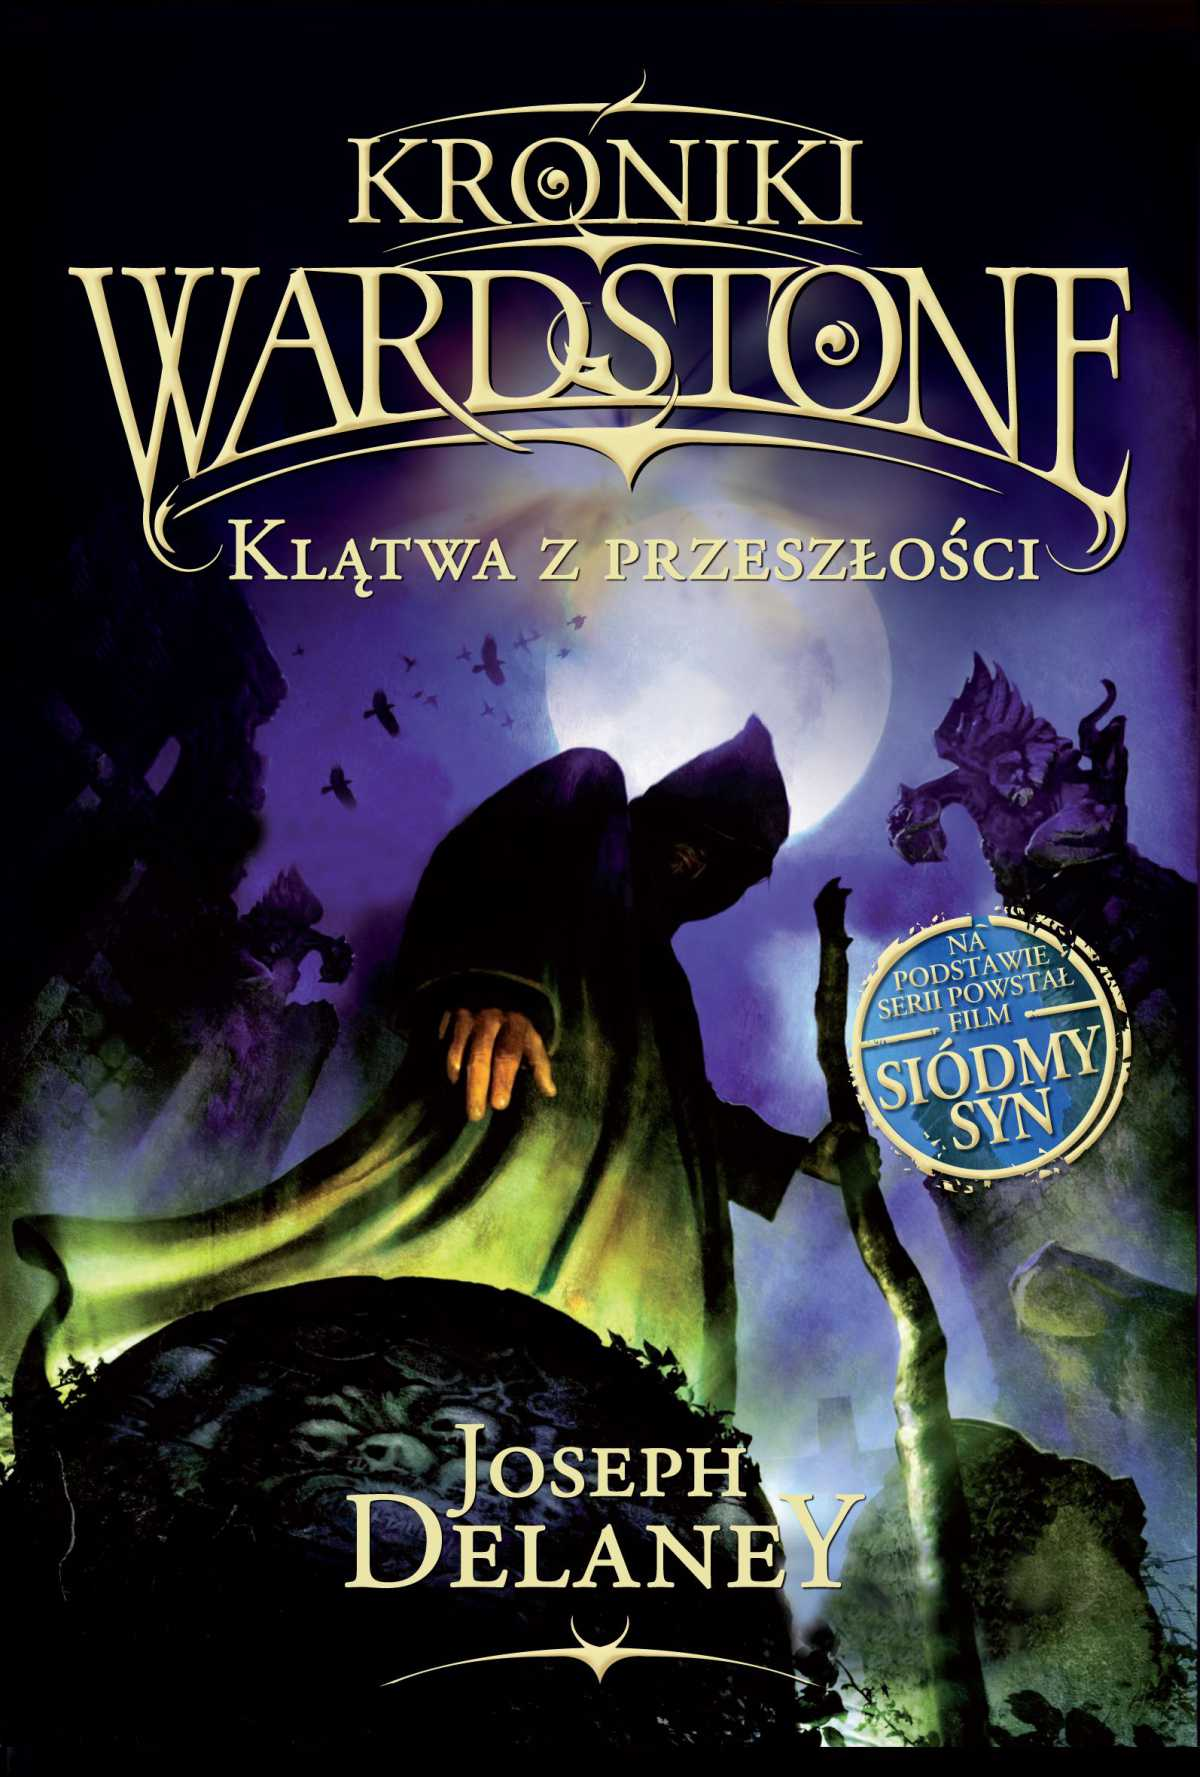 Kroniki Wardstone 2. Klątwa z przeszłości - Ebook (Książka EPUB) do pobrania w formacie EPUB